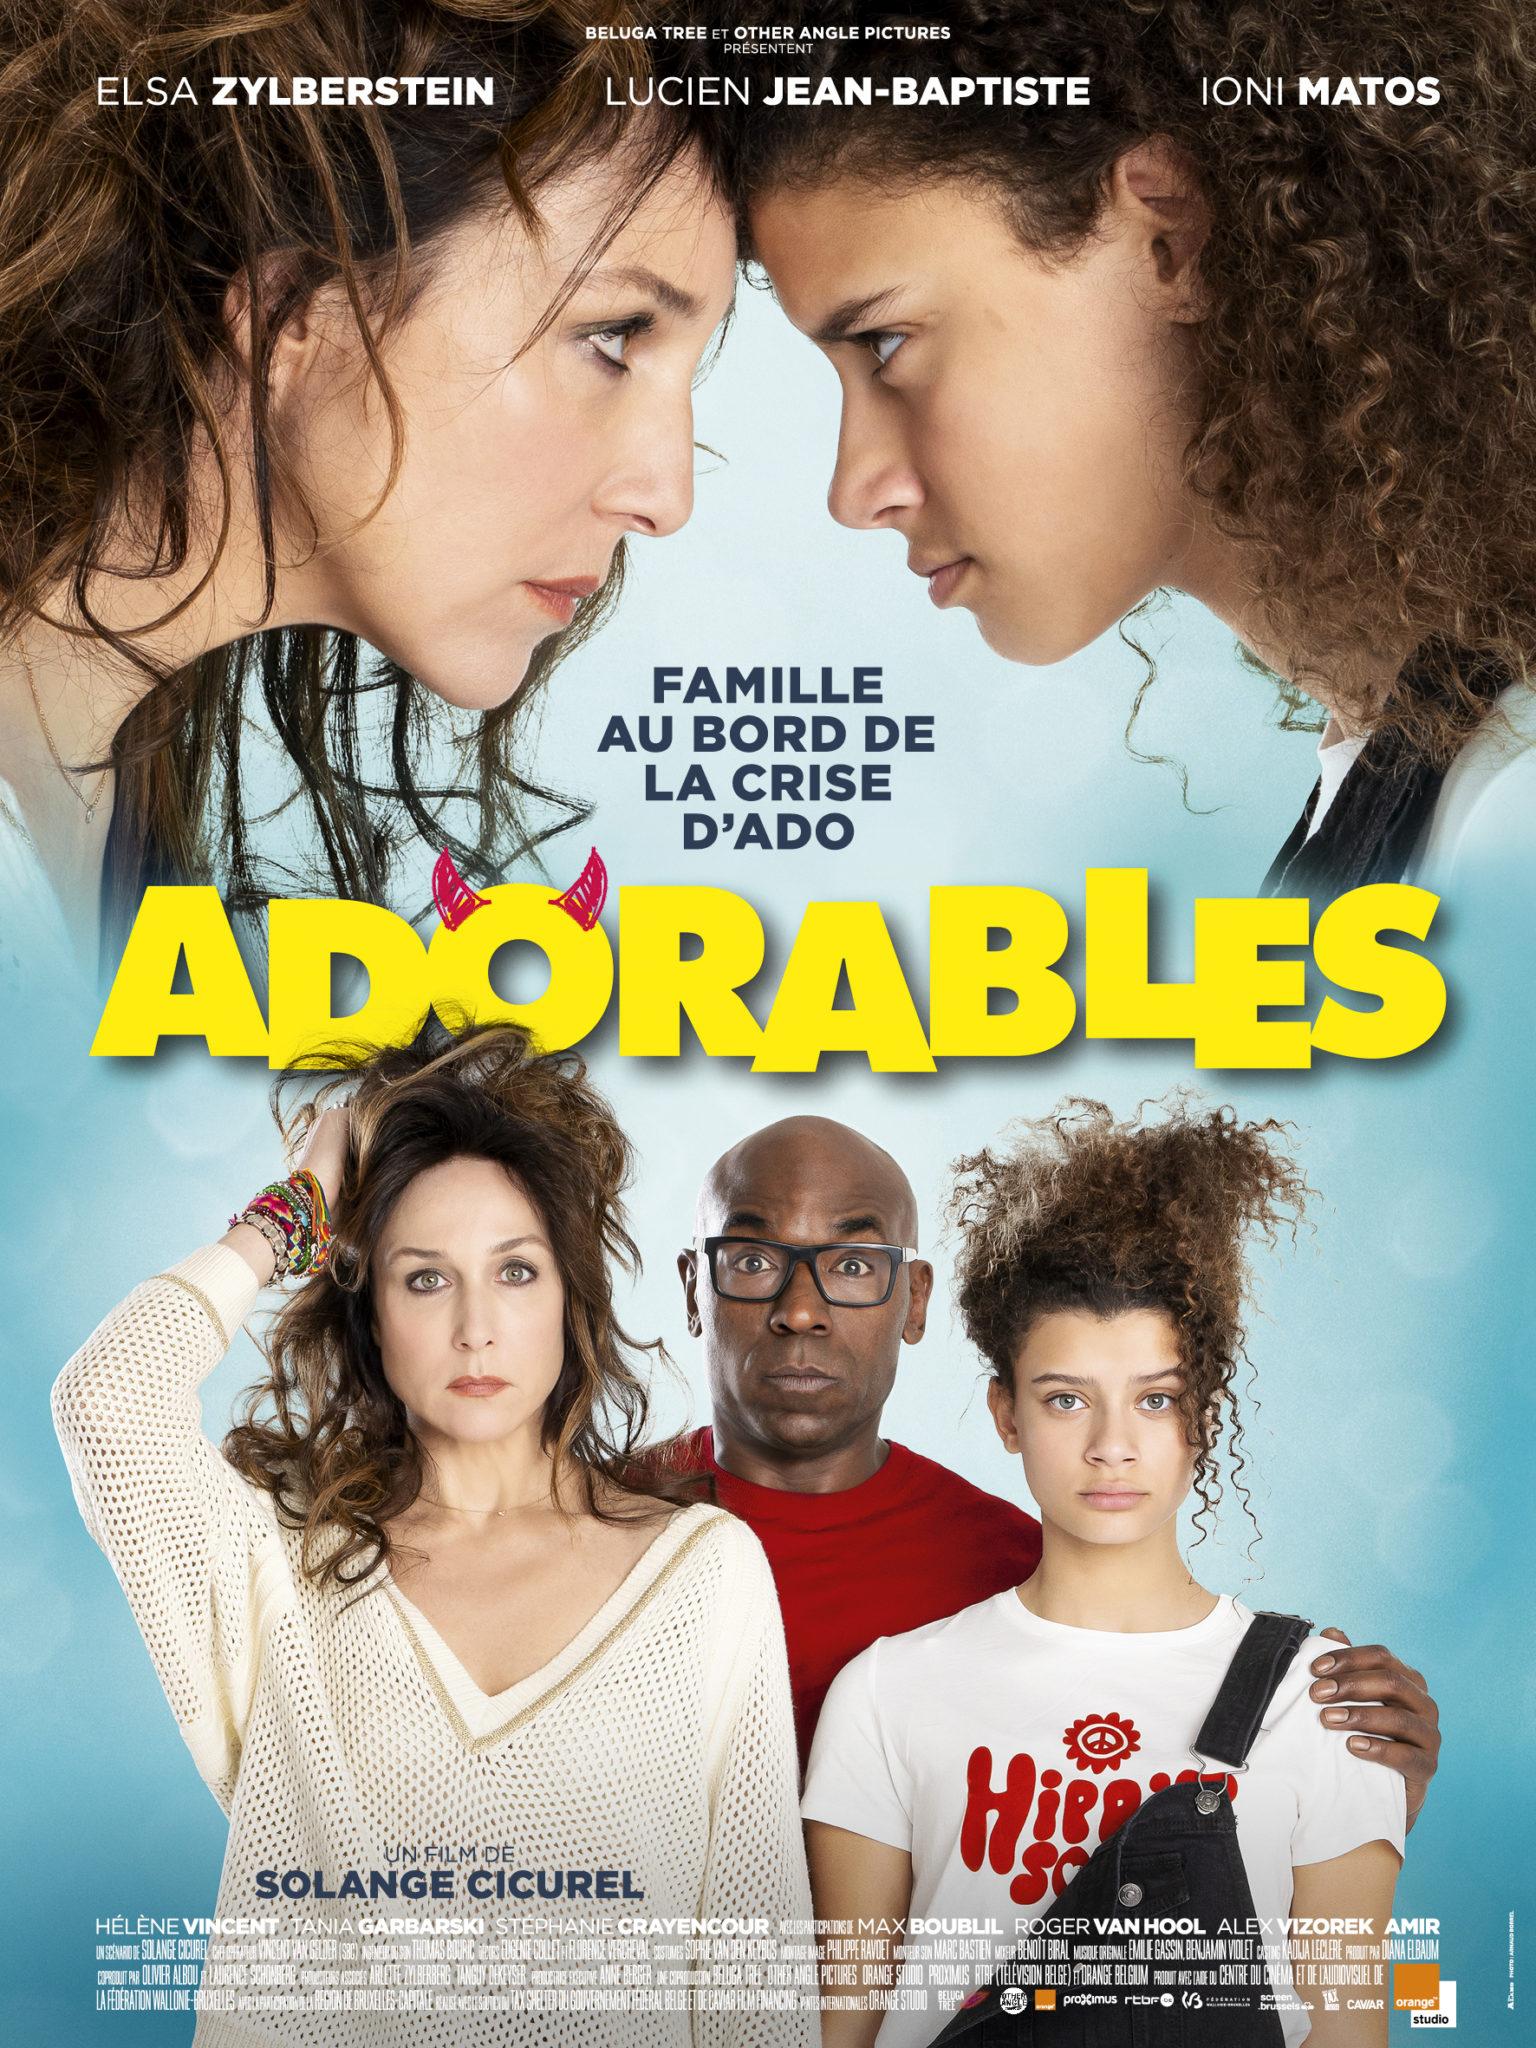 Adorables affiche film 2020